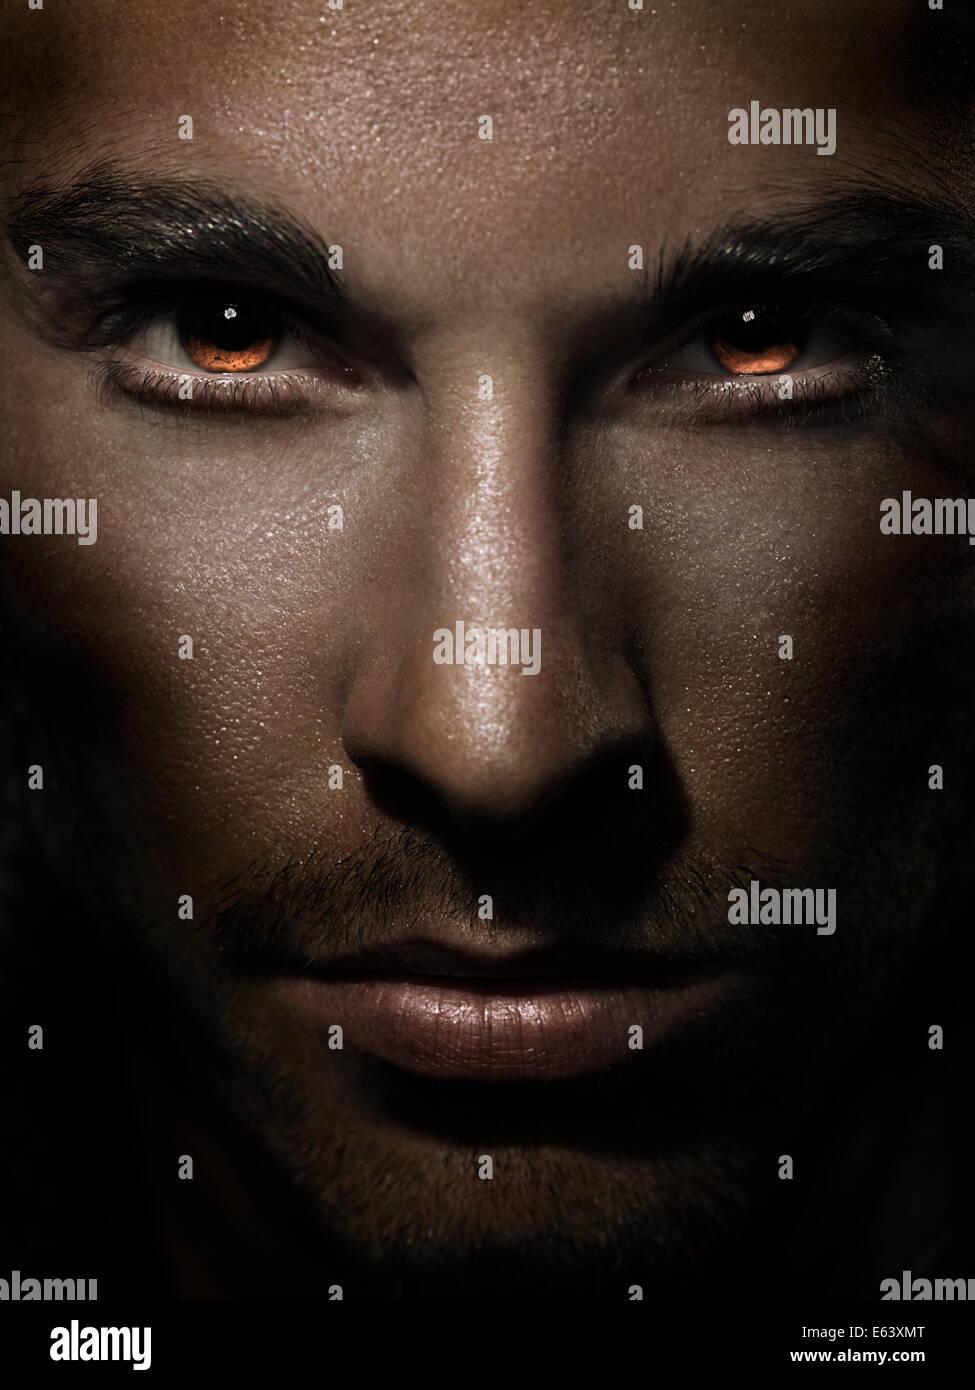 Closeup dramática del hombre frente a una feroz en los ojos ardor con rojo Imagen De Stock